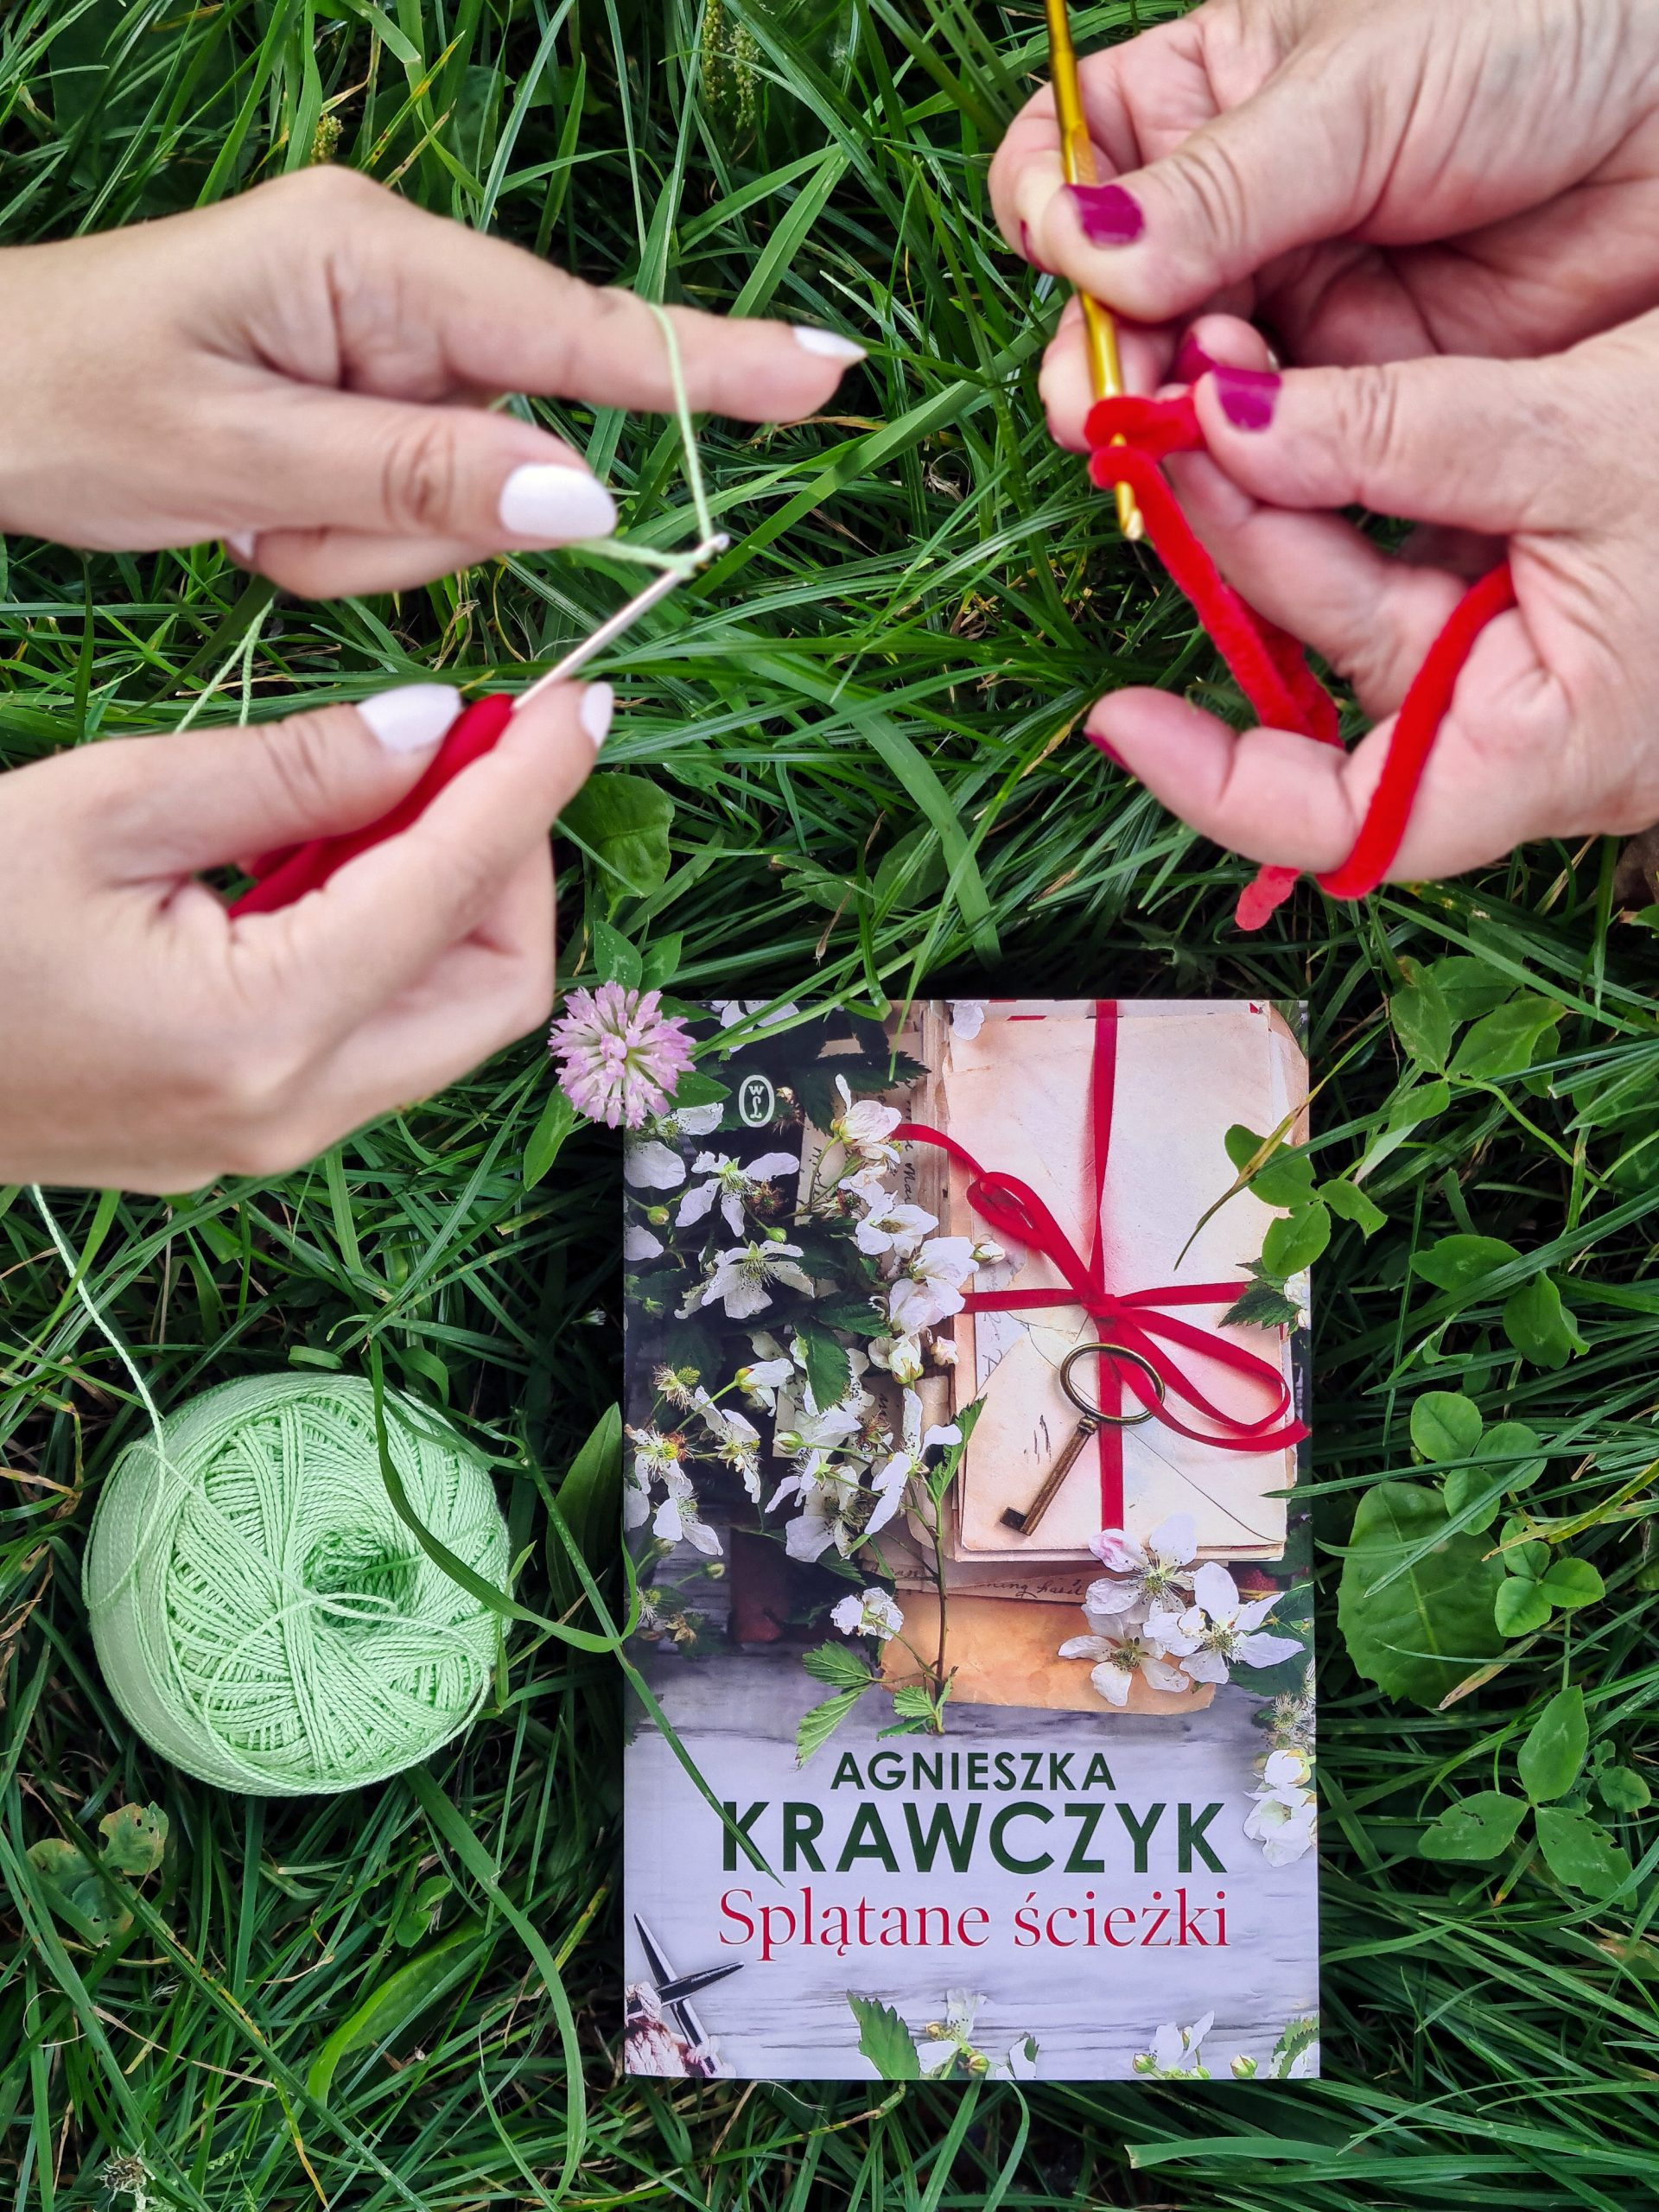 Splątane ścieżki – Agnieszka Krawczyk